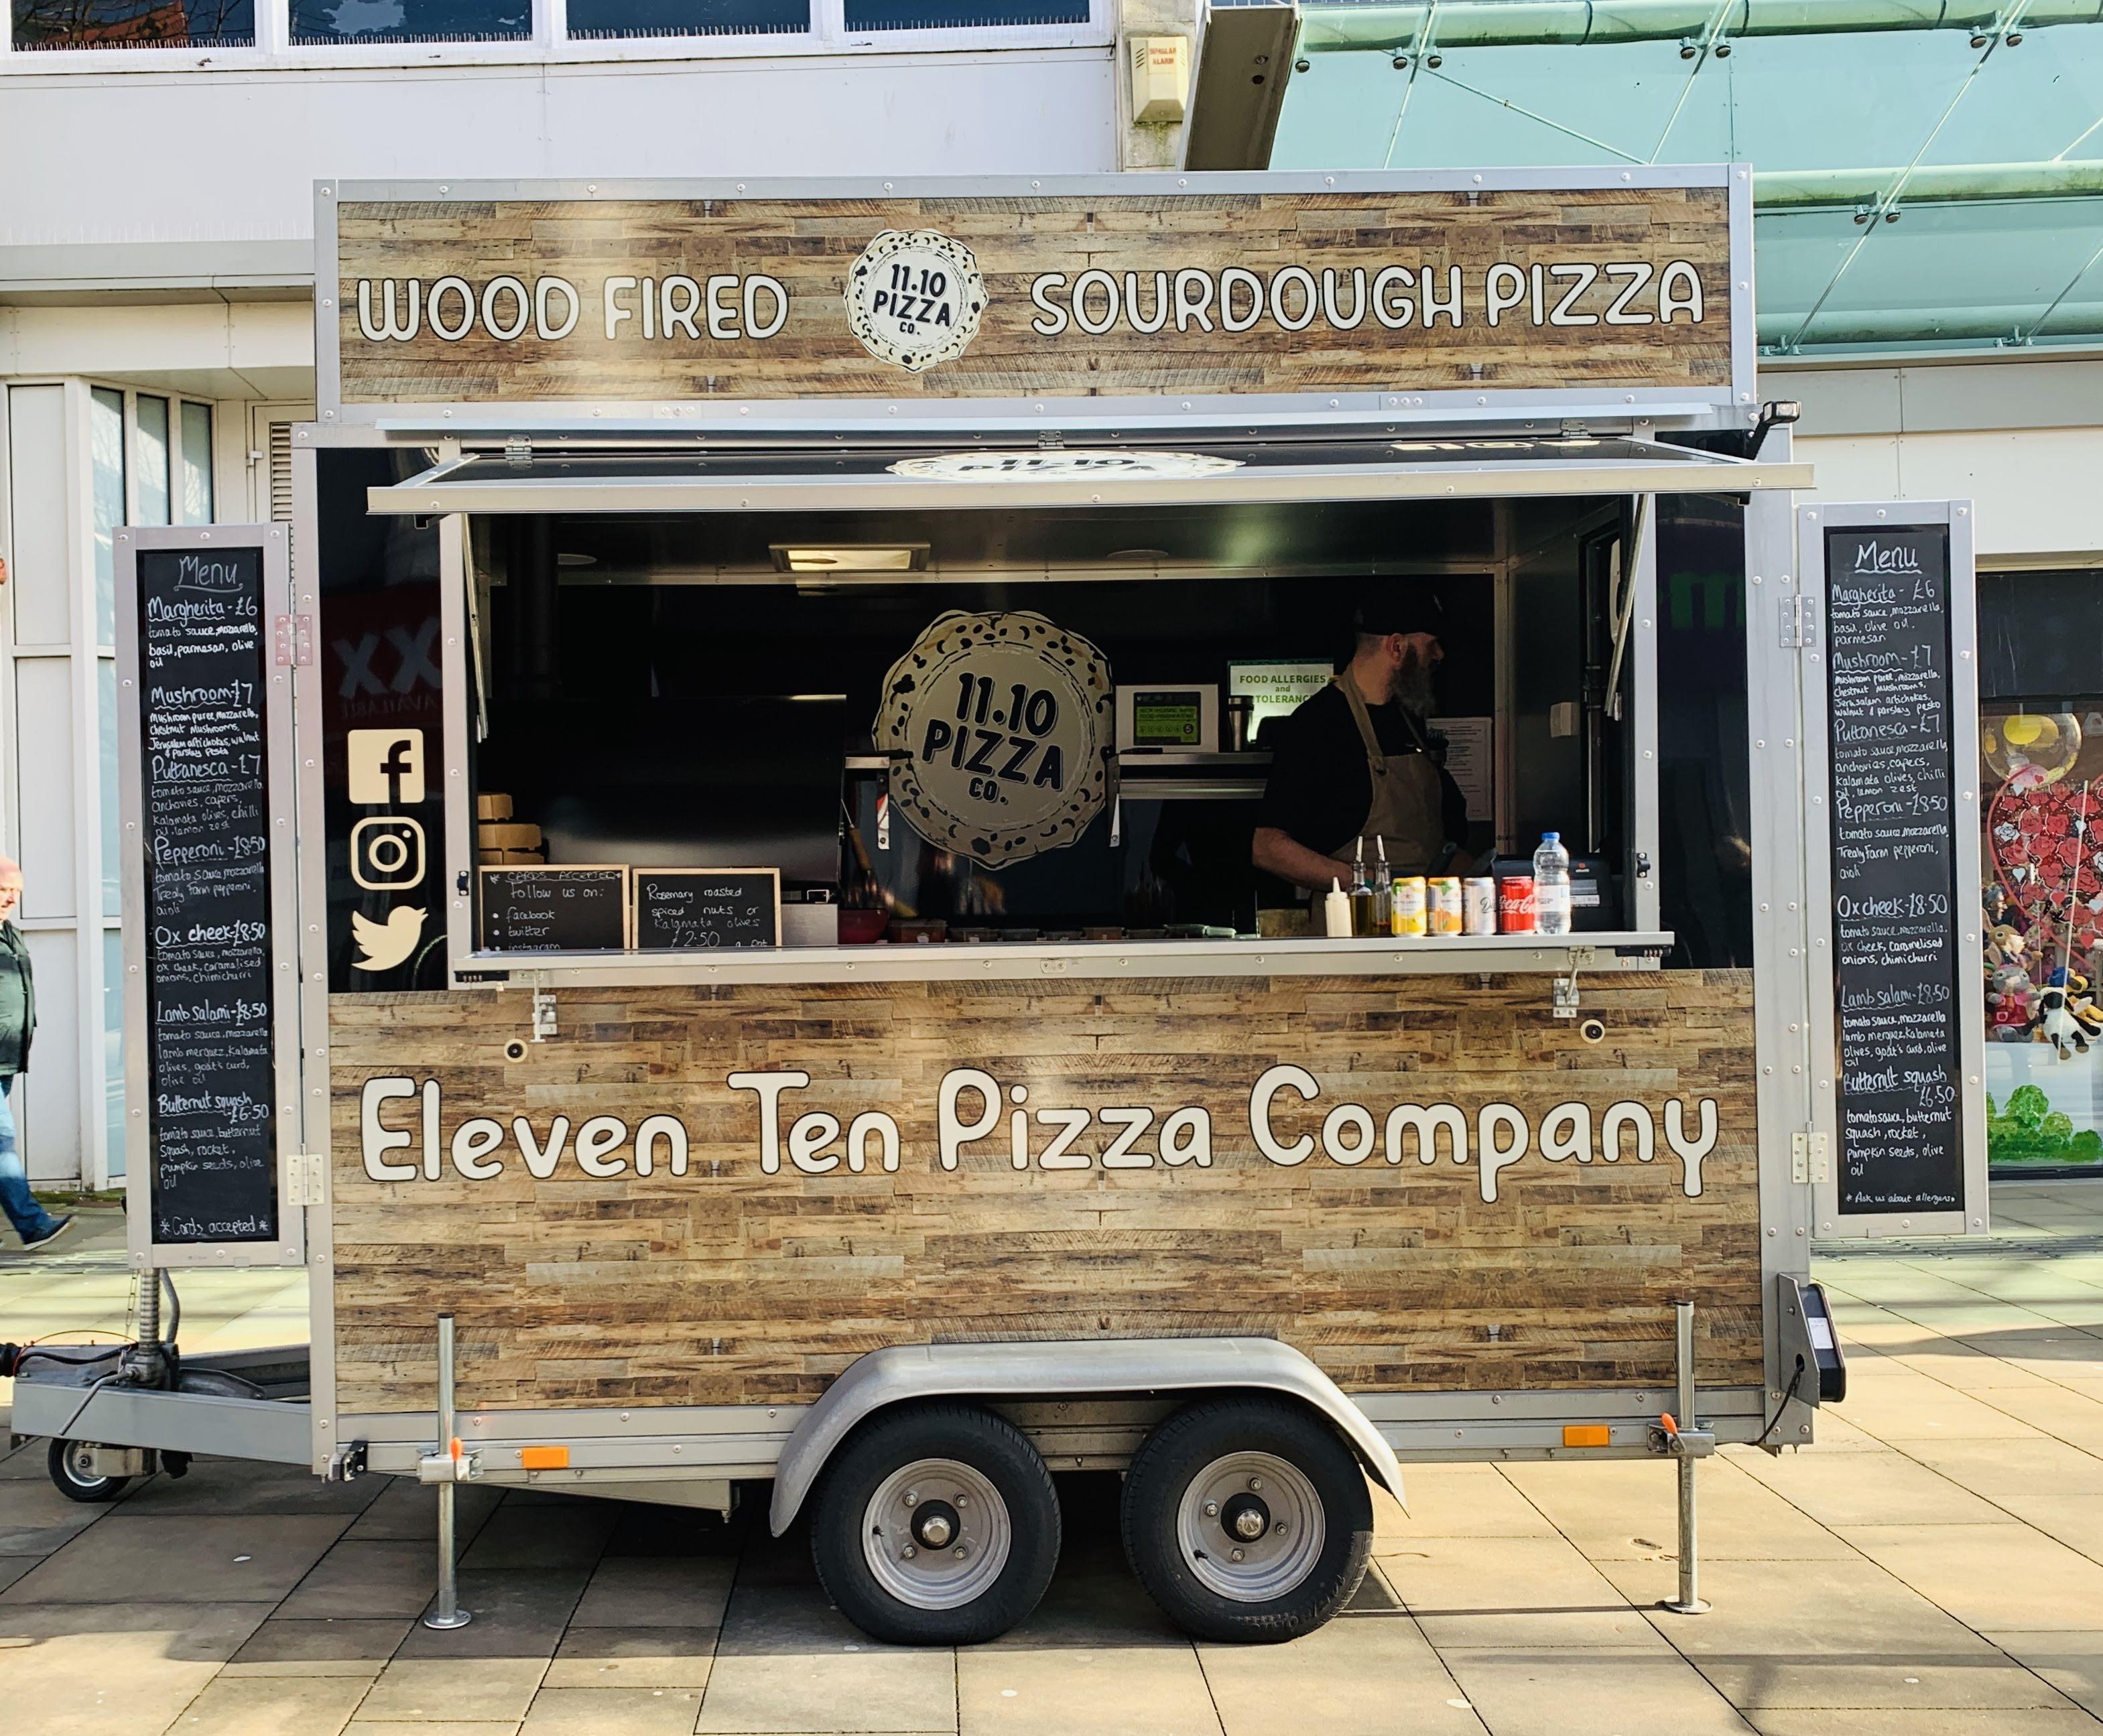 Eleven Ten Pizza Co